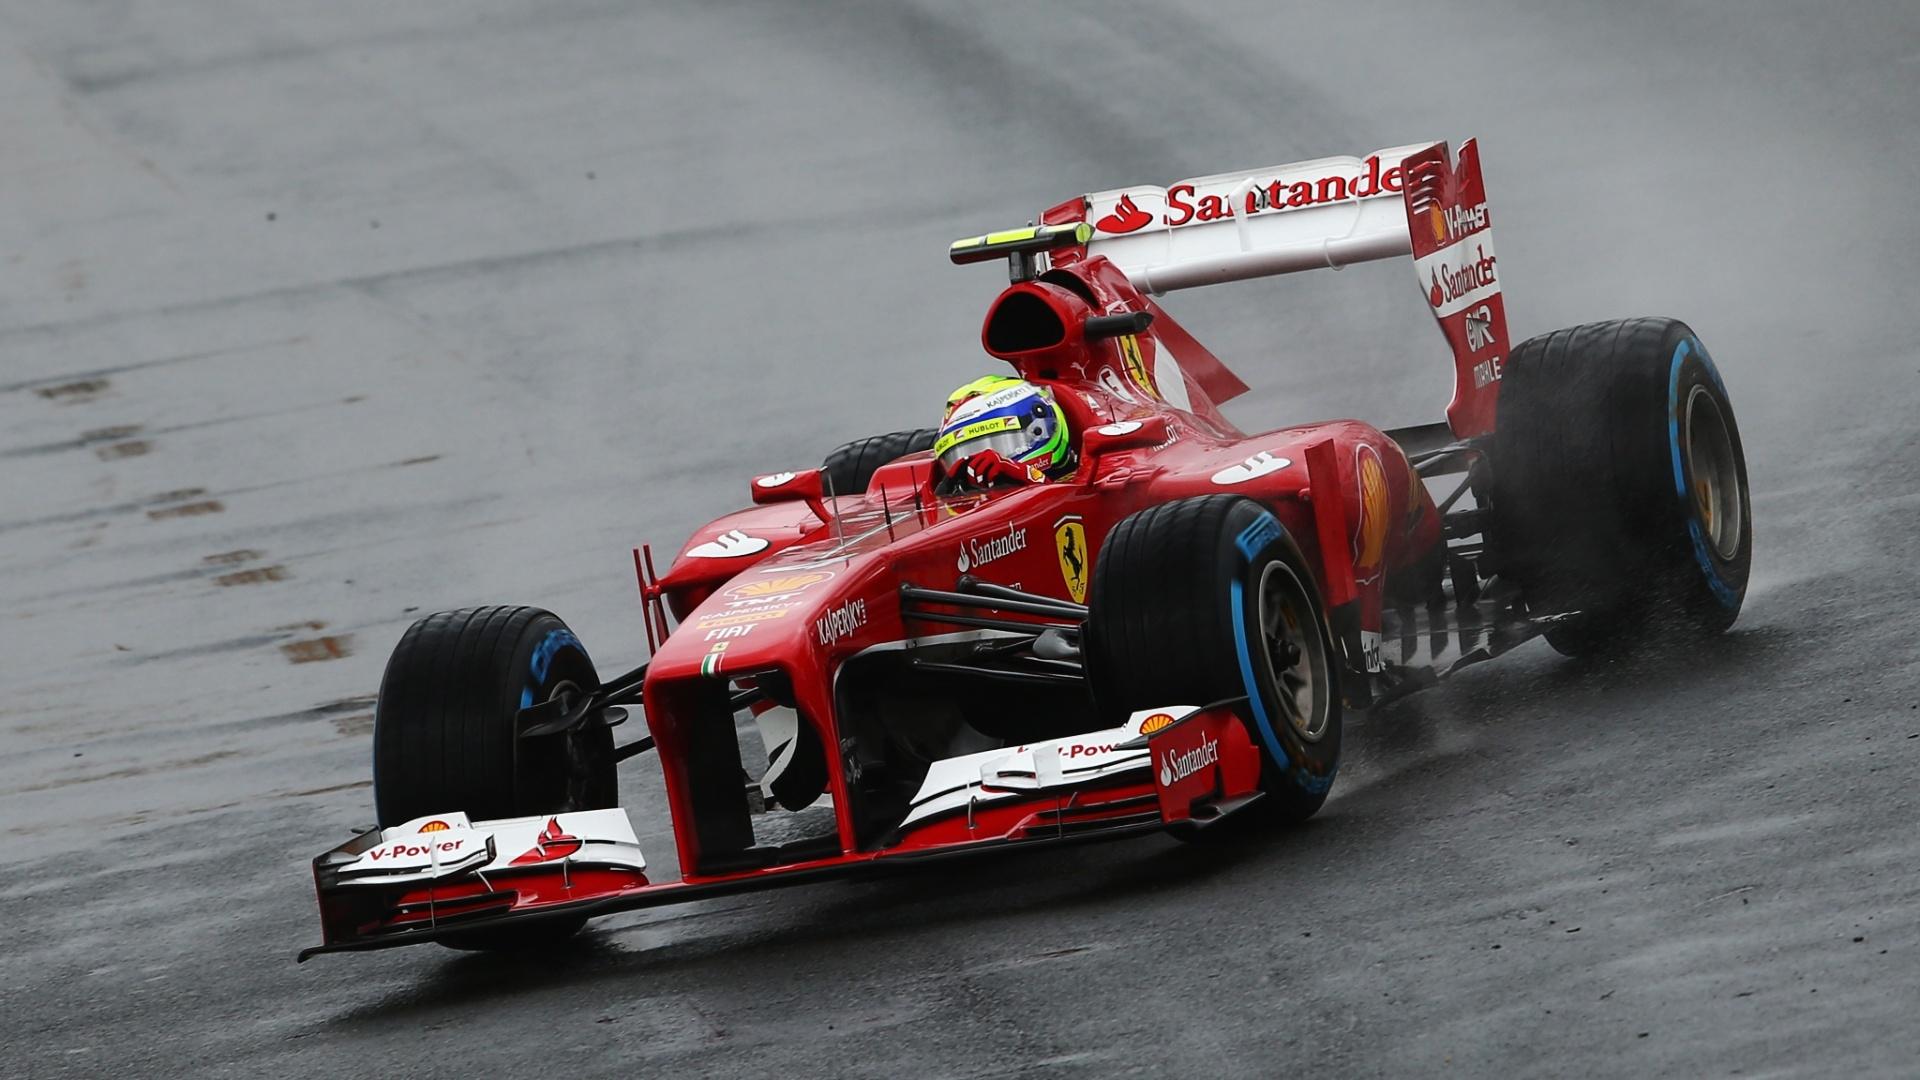 16.mar.2013 - Felipe Massa ficou em sexto no Q1 antes da interrupção que adiou o treino do GP da Austrália para sábado à noite